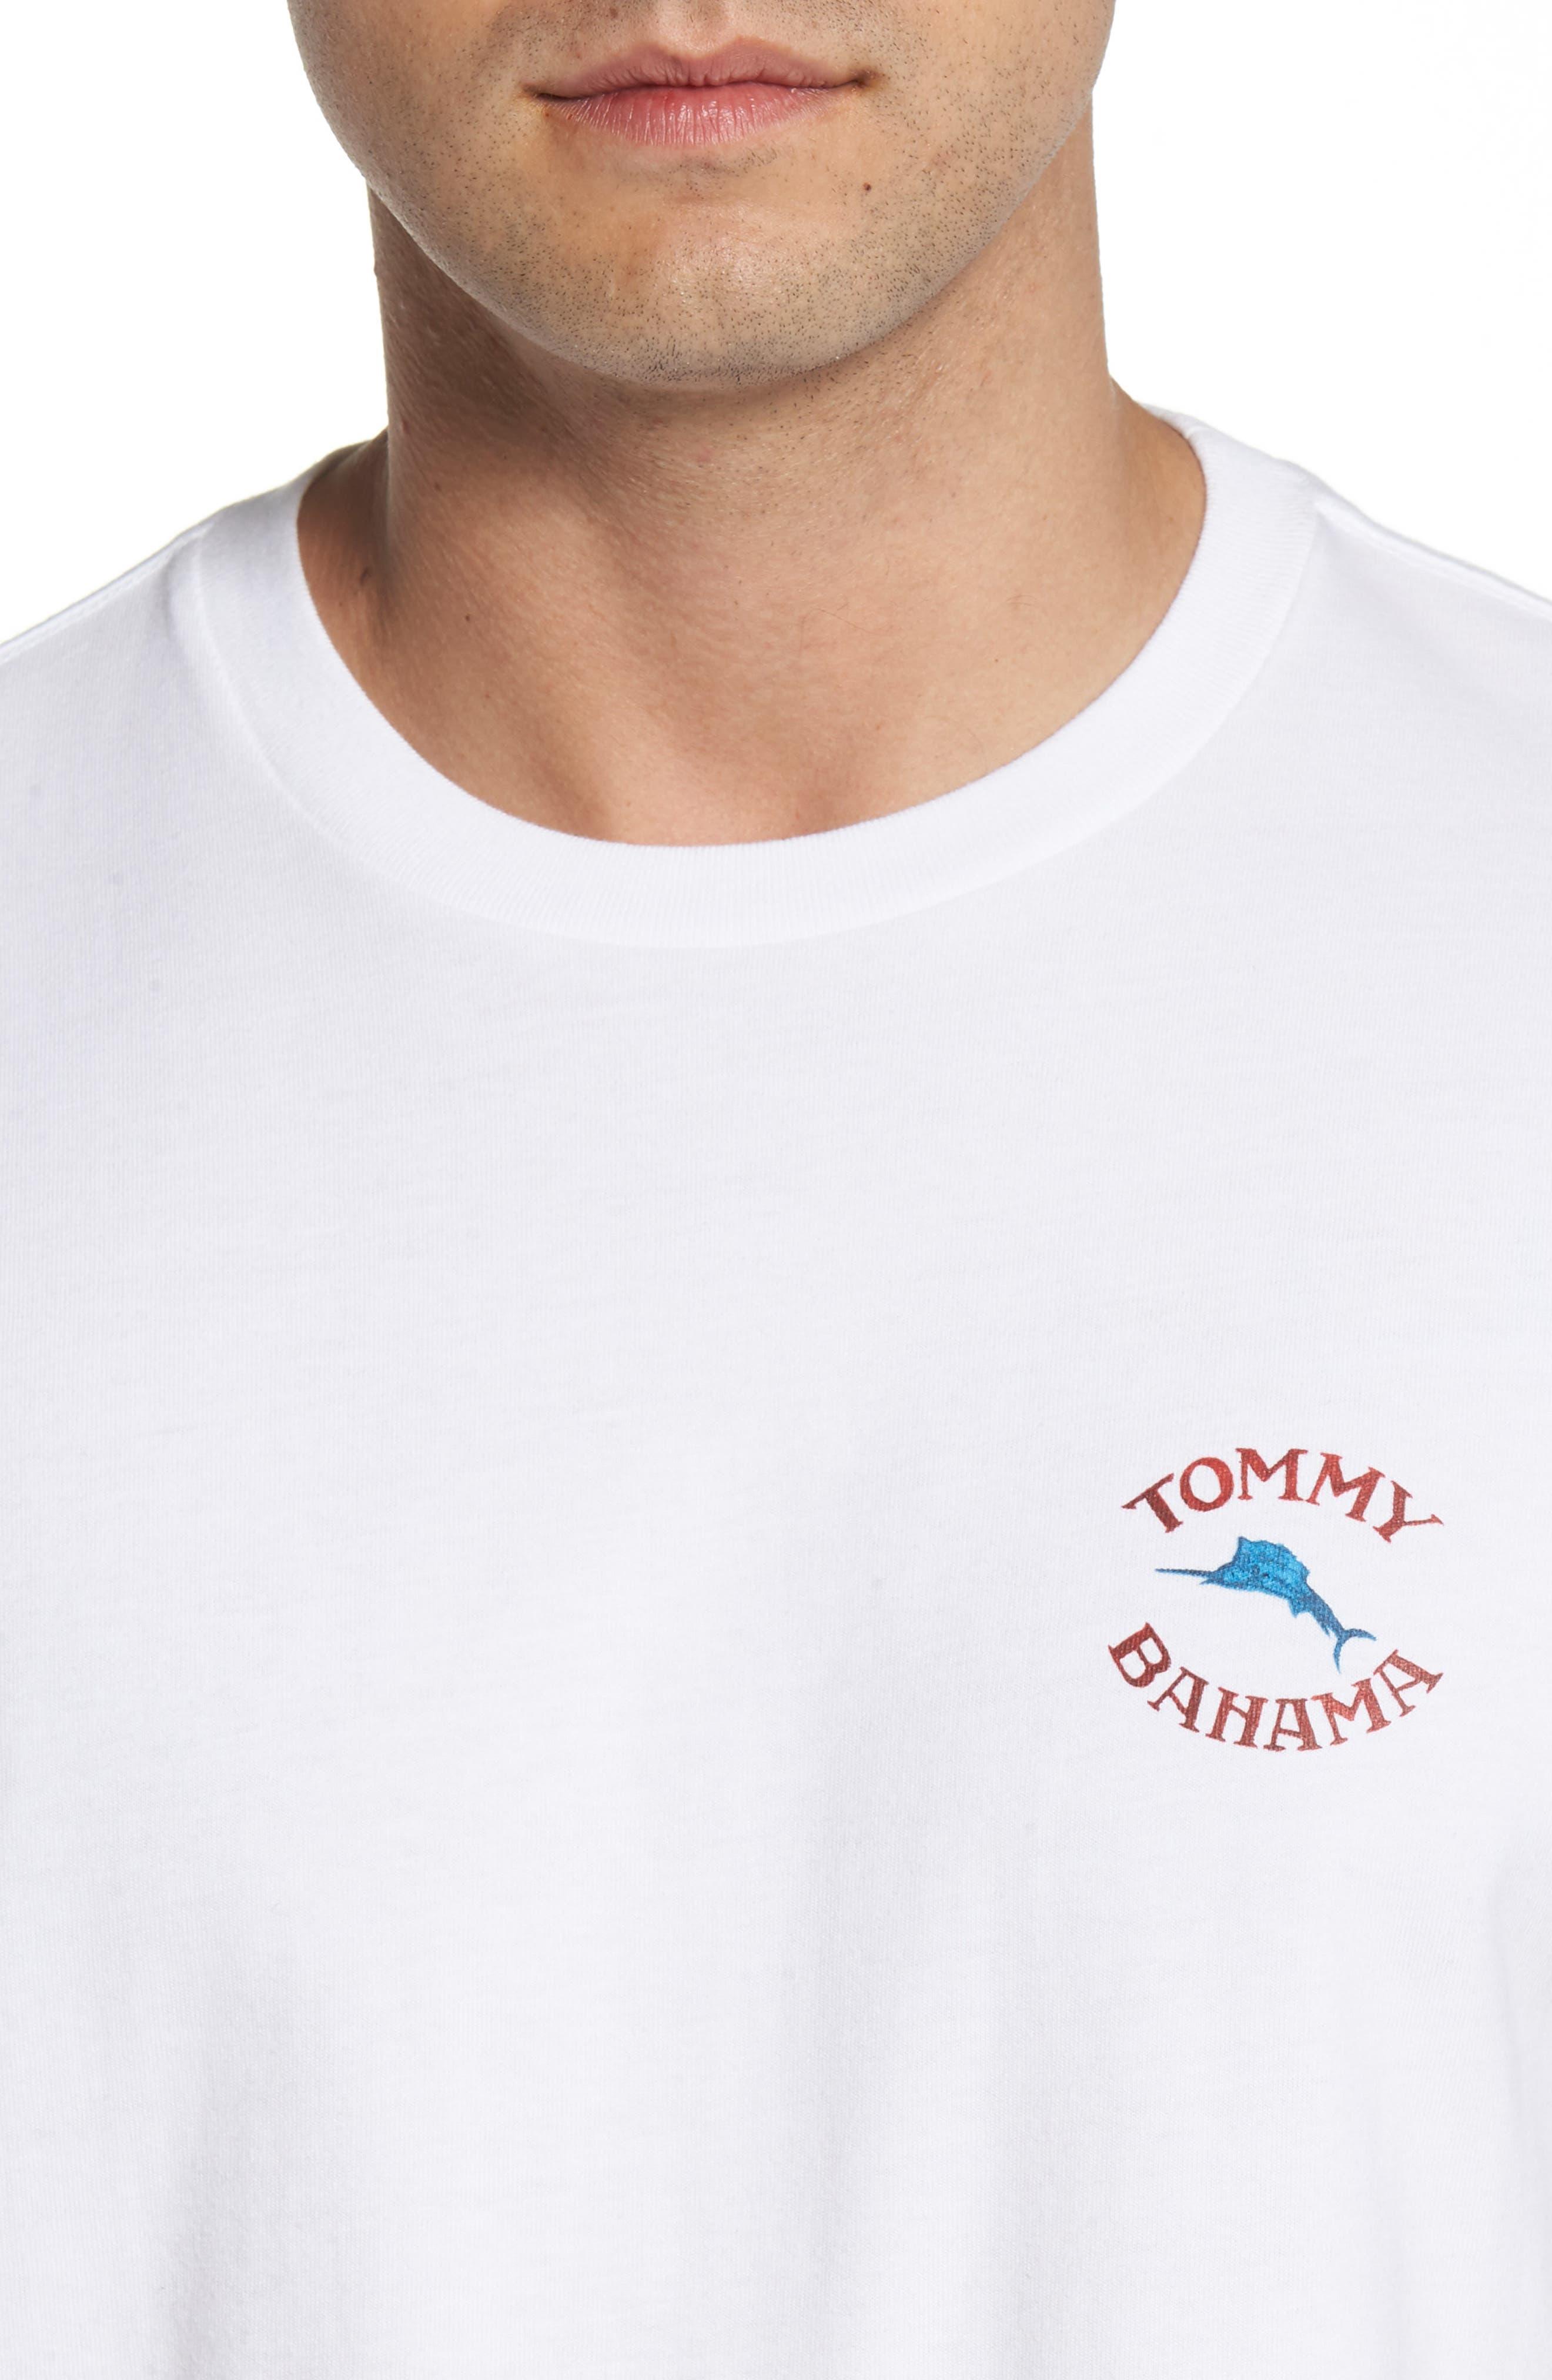 Pail-Eo Diet T-Shirt,                             Alternate thumbnail 4, color,                             White